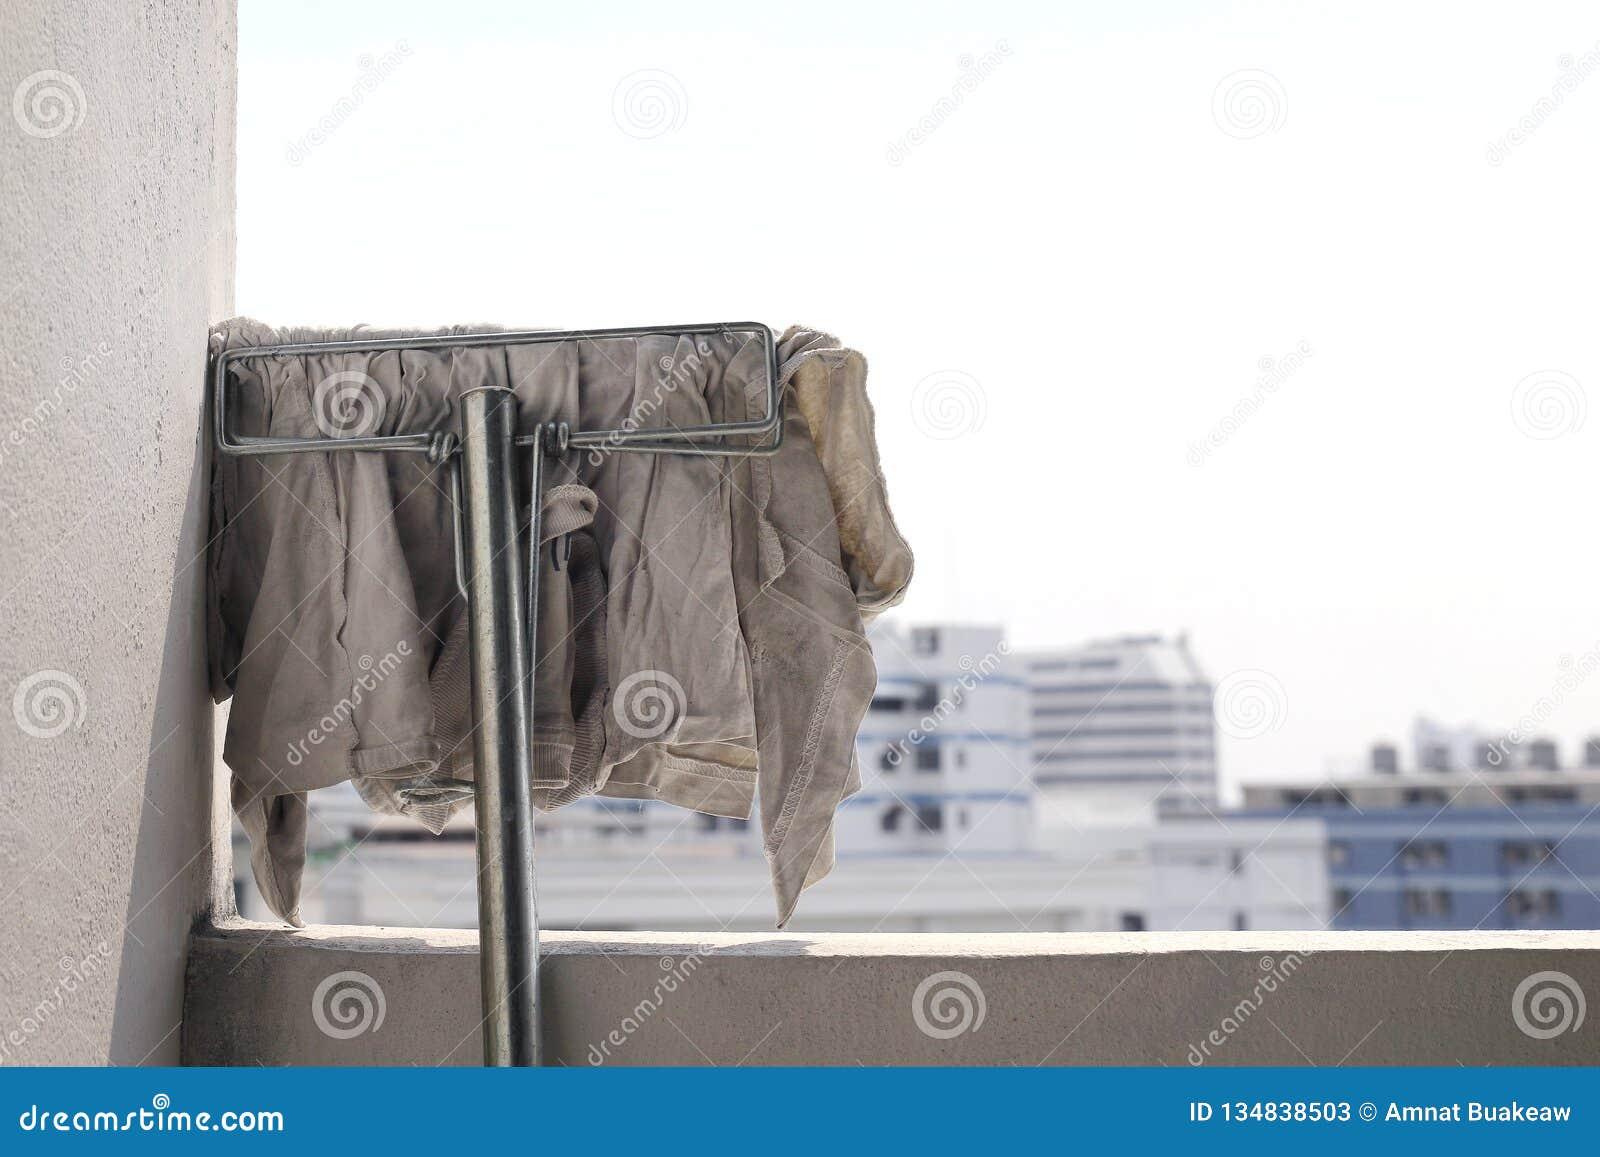 Sujo branco de pano do espanador para limpar, espanador para o assoalho de limpeza, cabeça do espanador na parede após a limpeza,